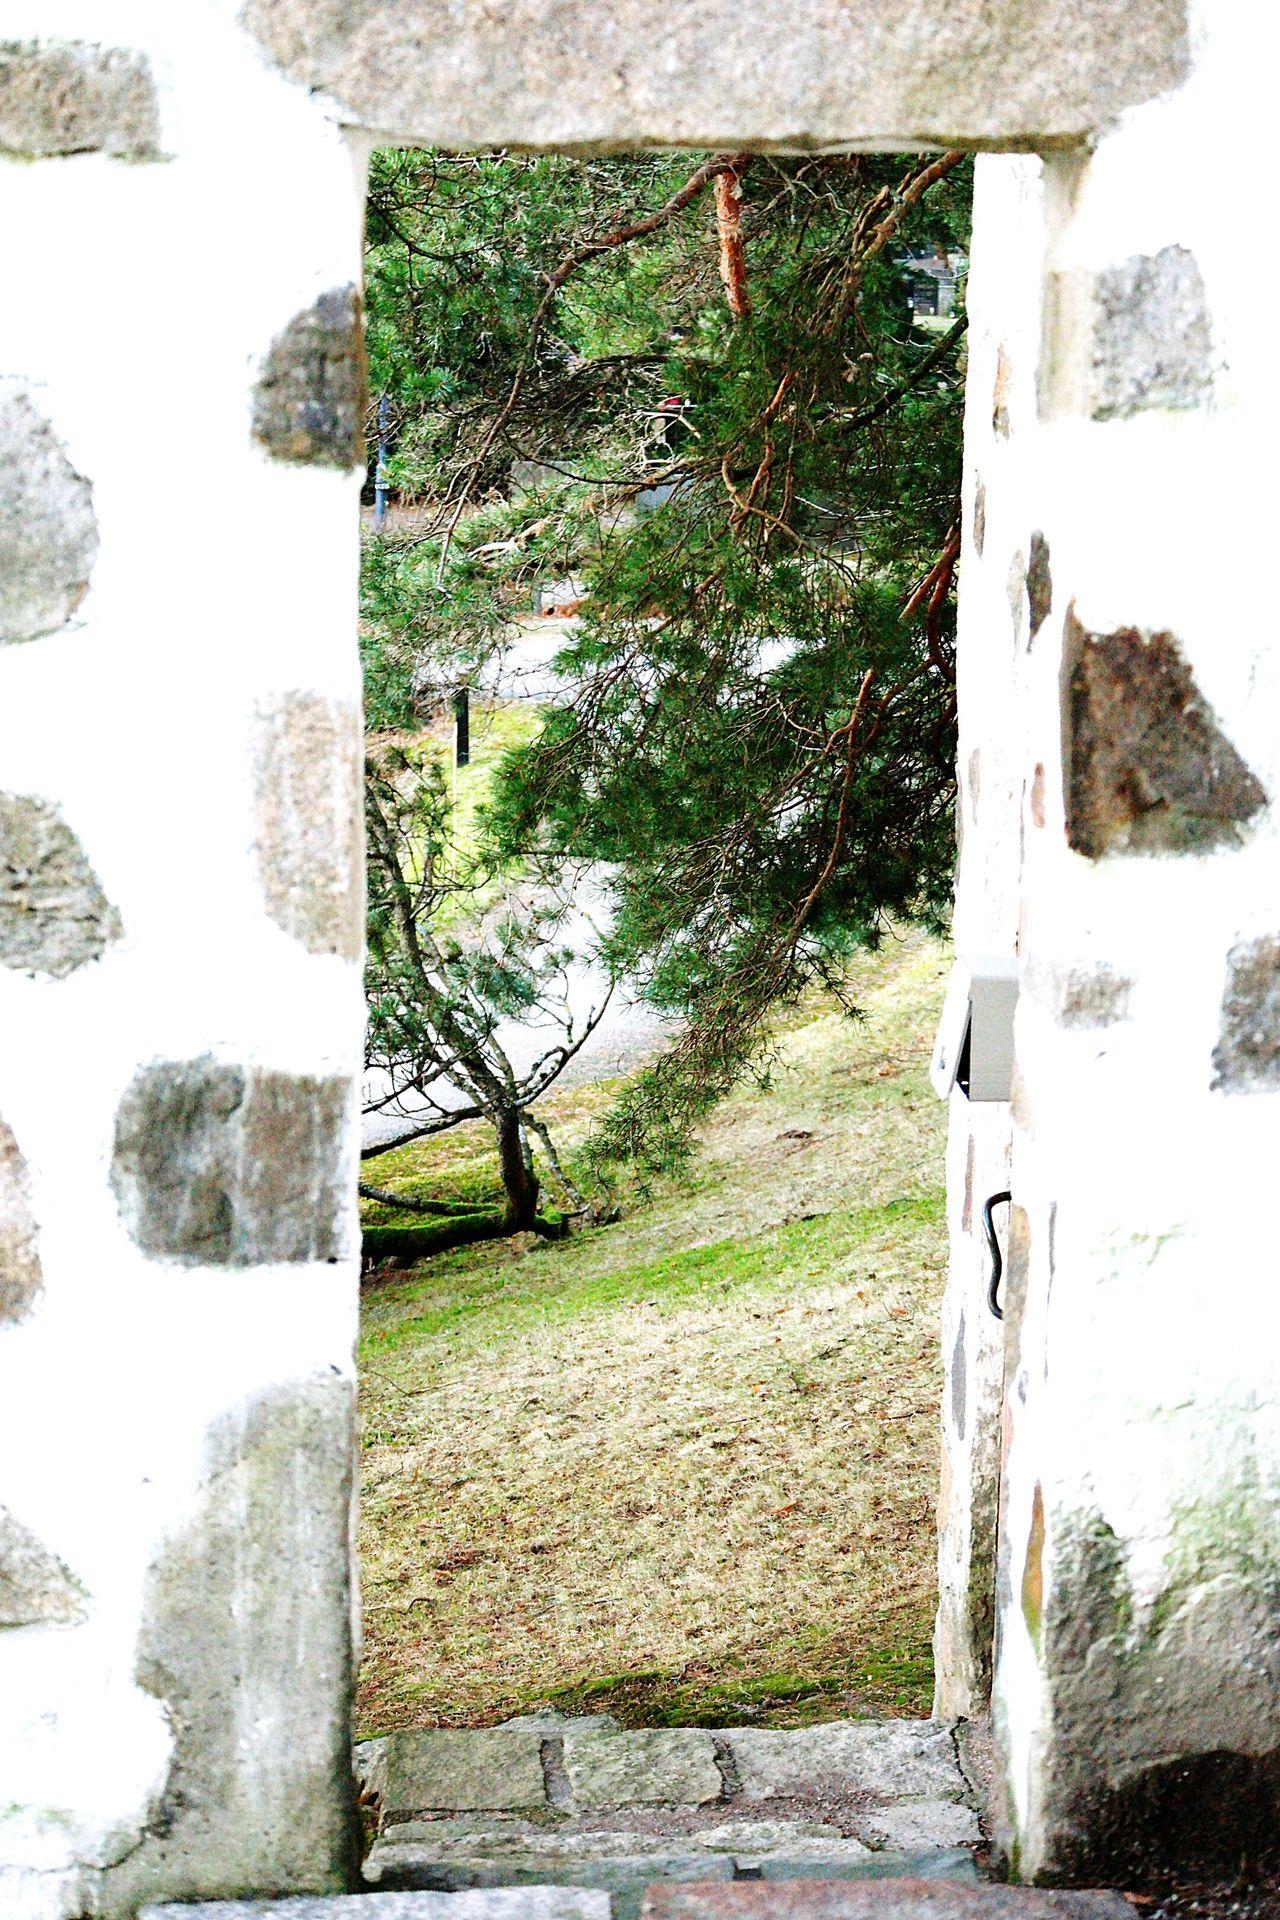 Doorway Doorways Stone Doorway The Doorway To A New Beginning Stone Doorways Open Doorway Church Doorway